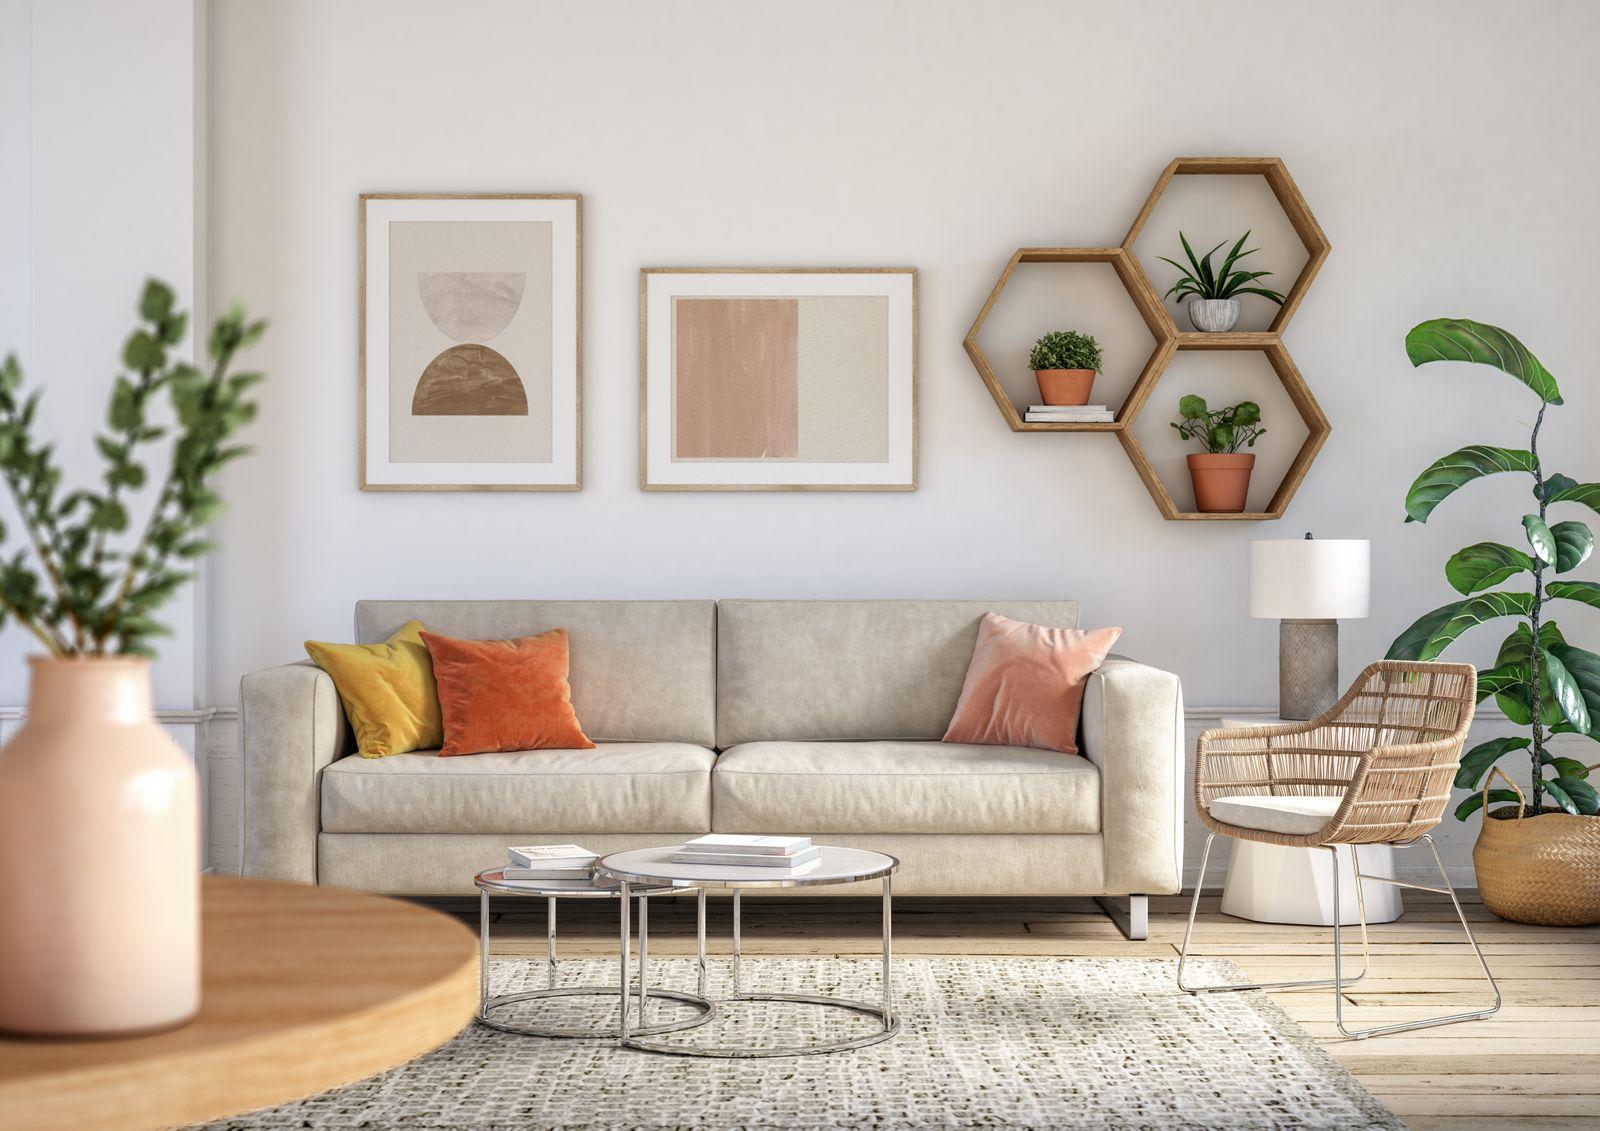 salon décoration couleurs pâles et plantes